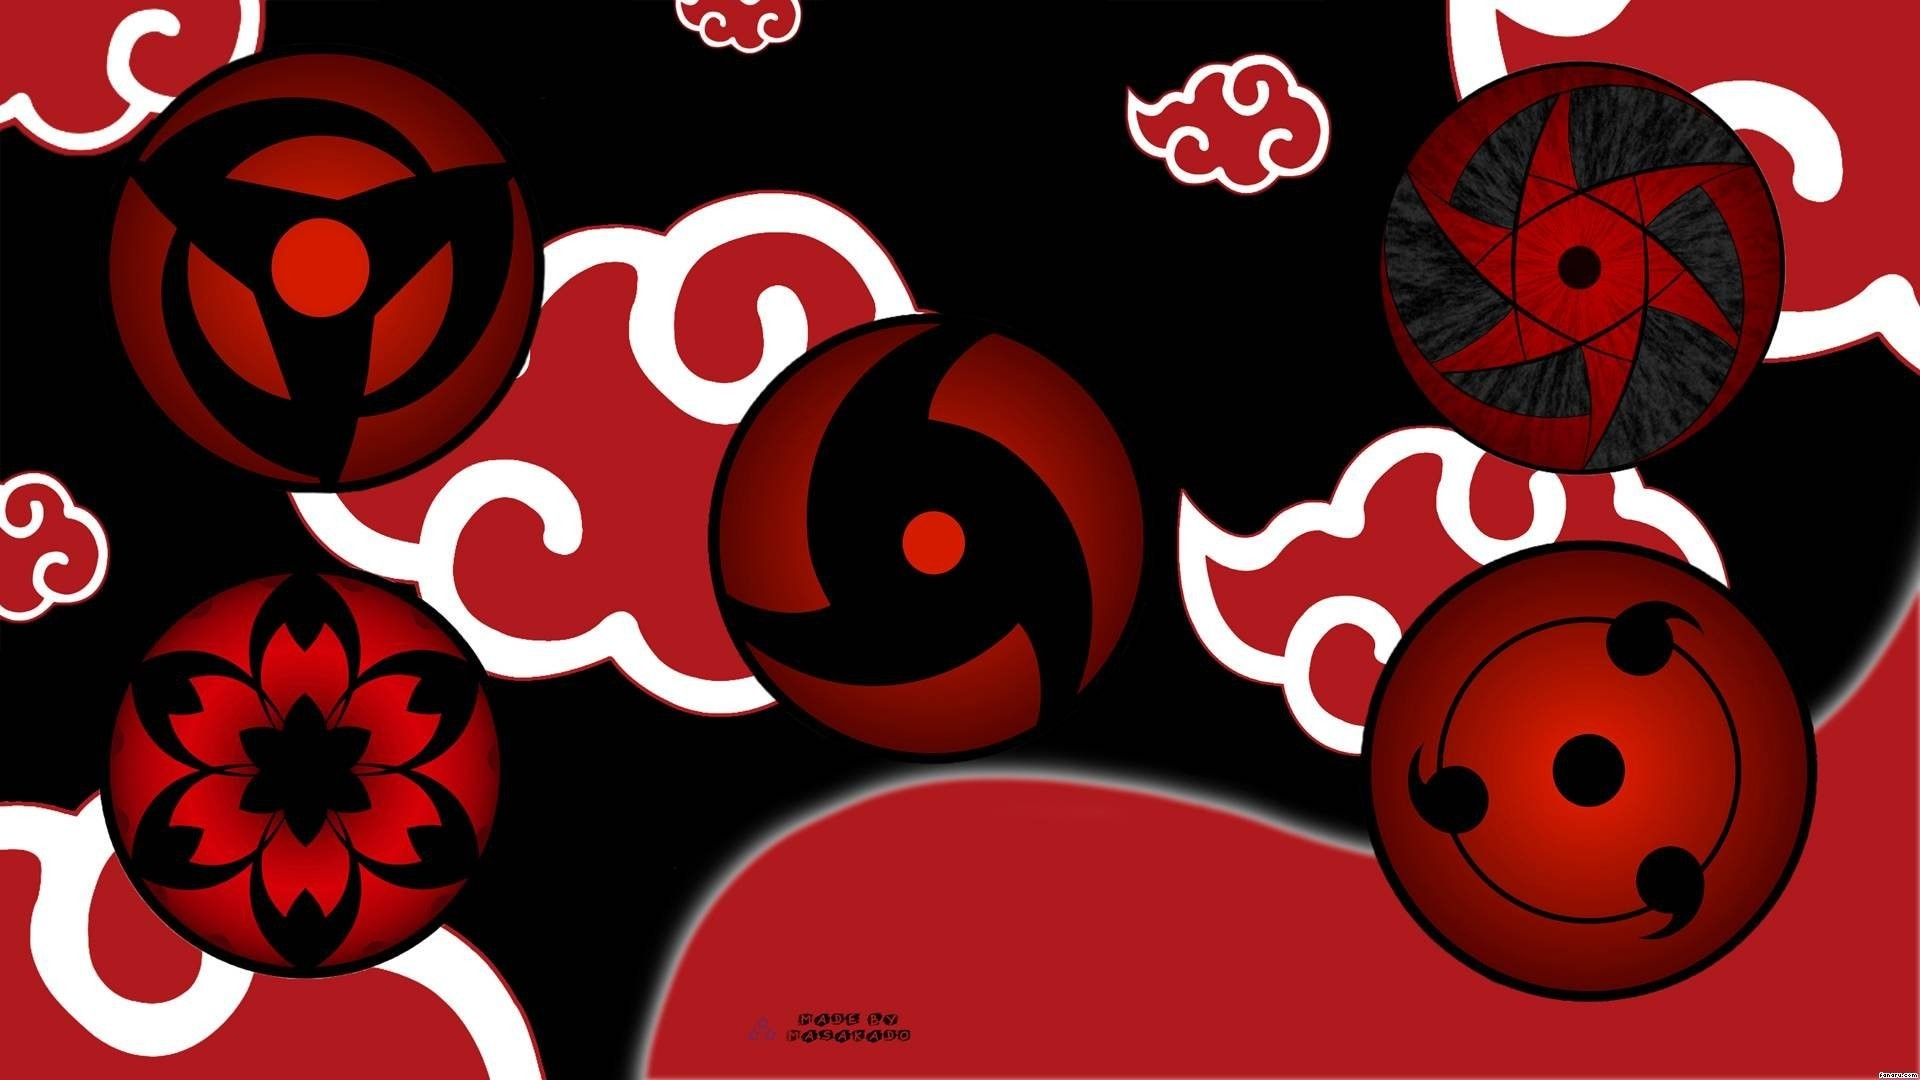 Sasuke Mangekyou Sharingan Wallpaper 63 Images: Sasuke Mangekyou Sharingan Wallpaper (63+ Images